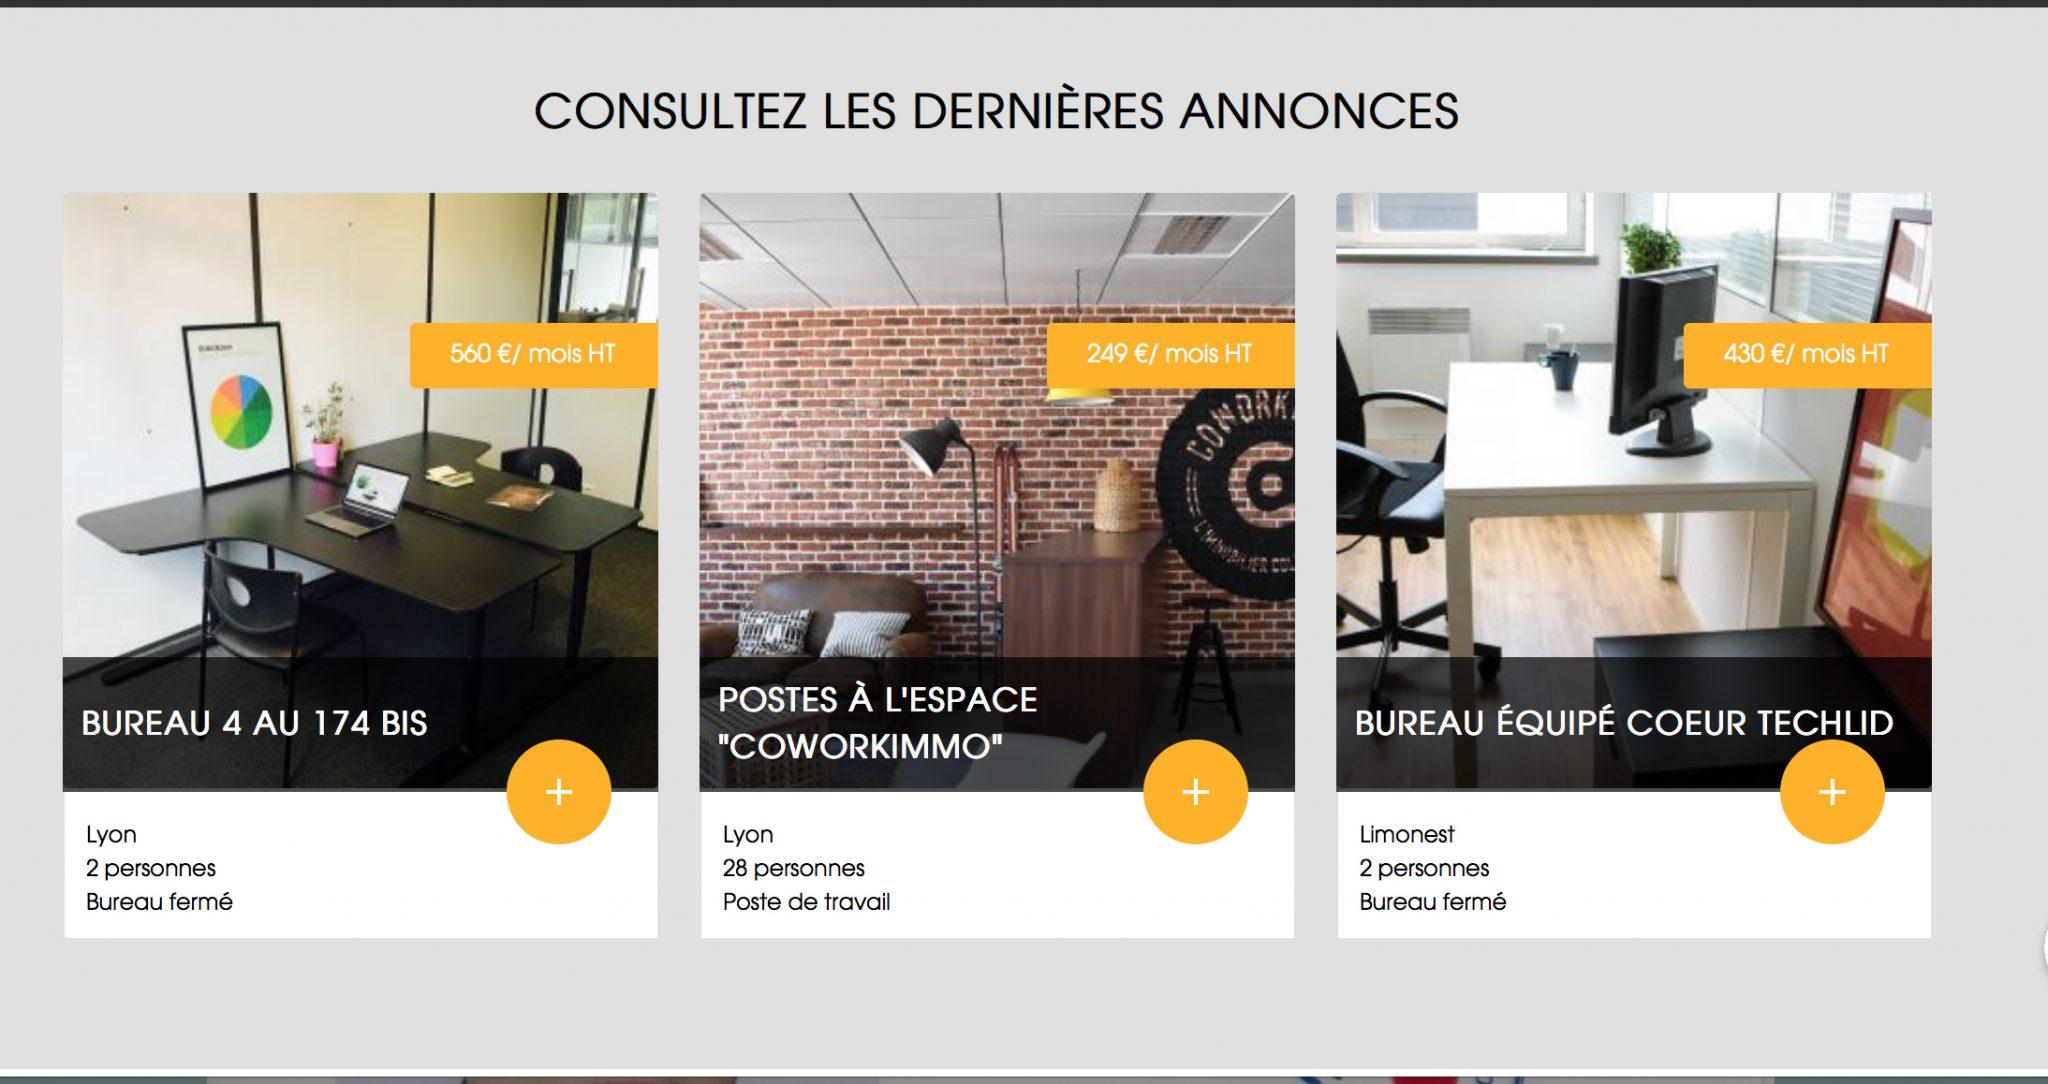 Espaces de travail : les dernières annonces sur Hub-Grade